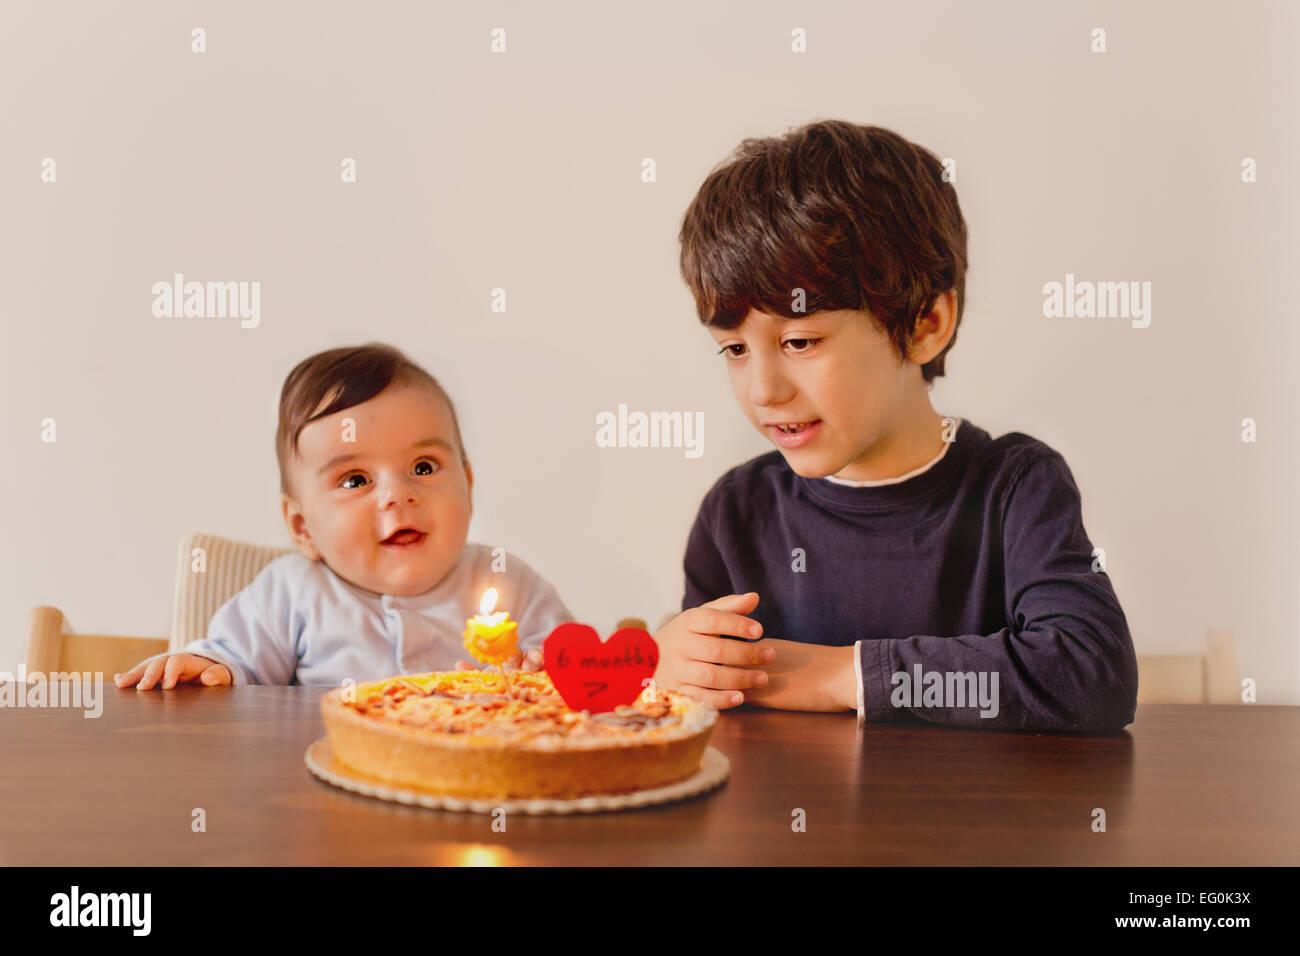 Frères et sœurs (de 6 à 12 mois, 4-5) celebrating birthday Photo Stock